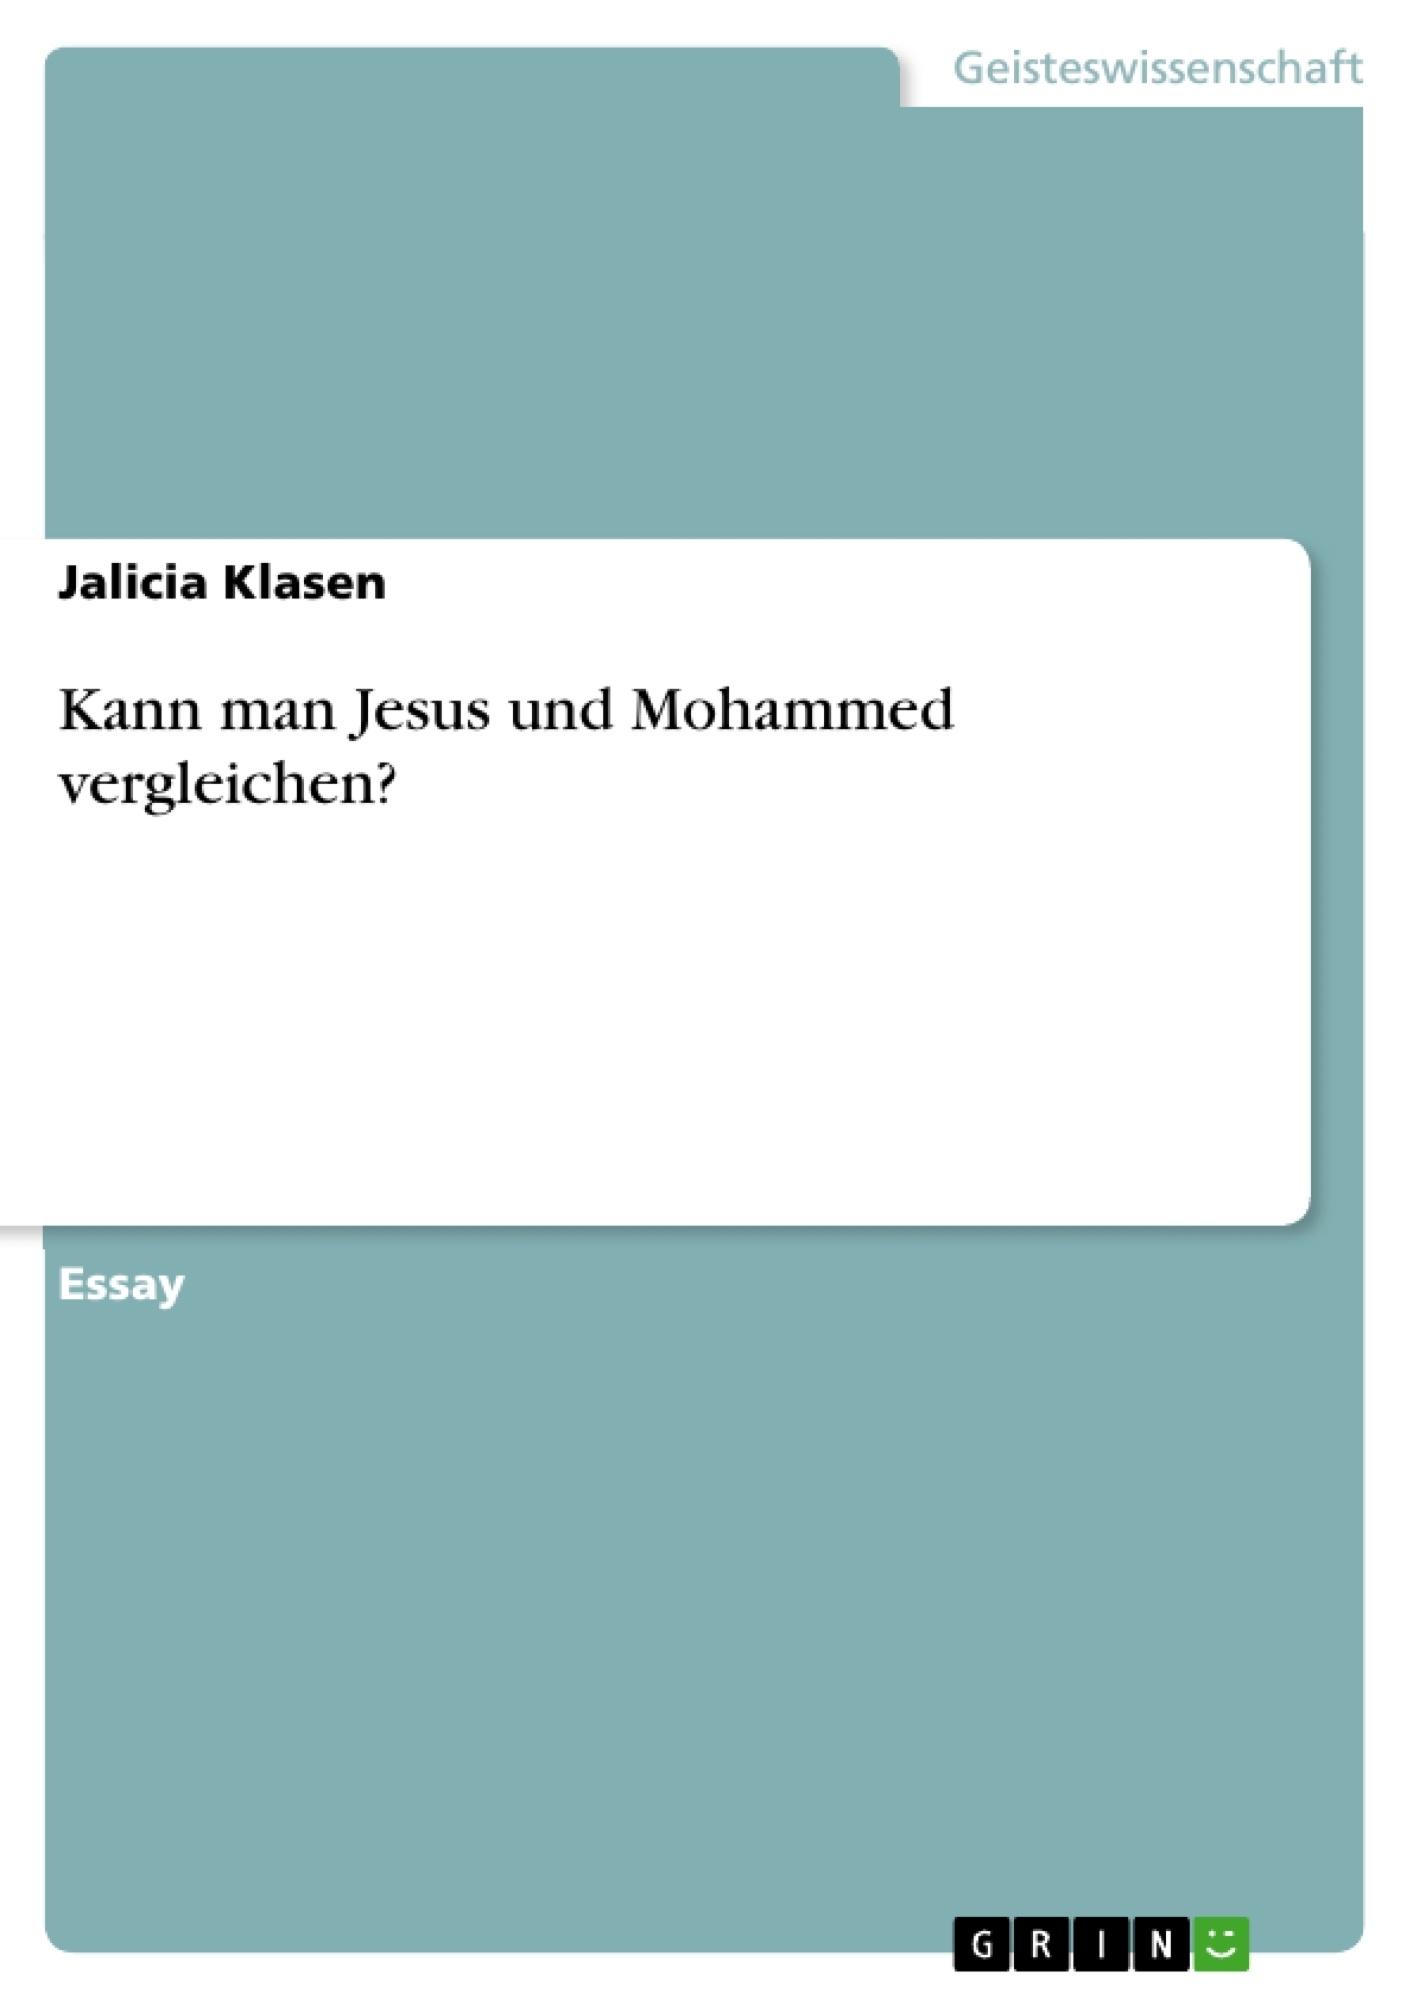 Titel: Kann man Jesus und Mohammed vergleichen?